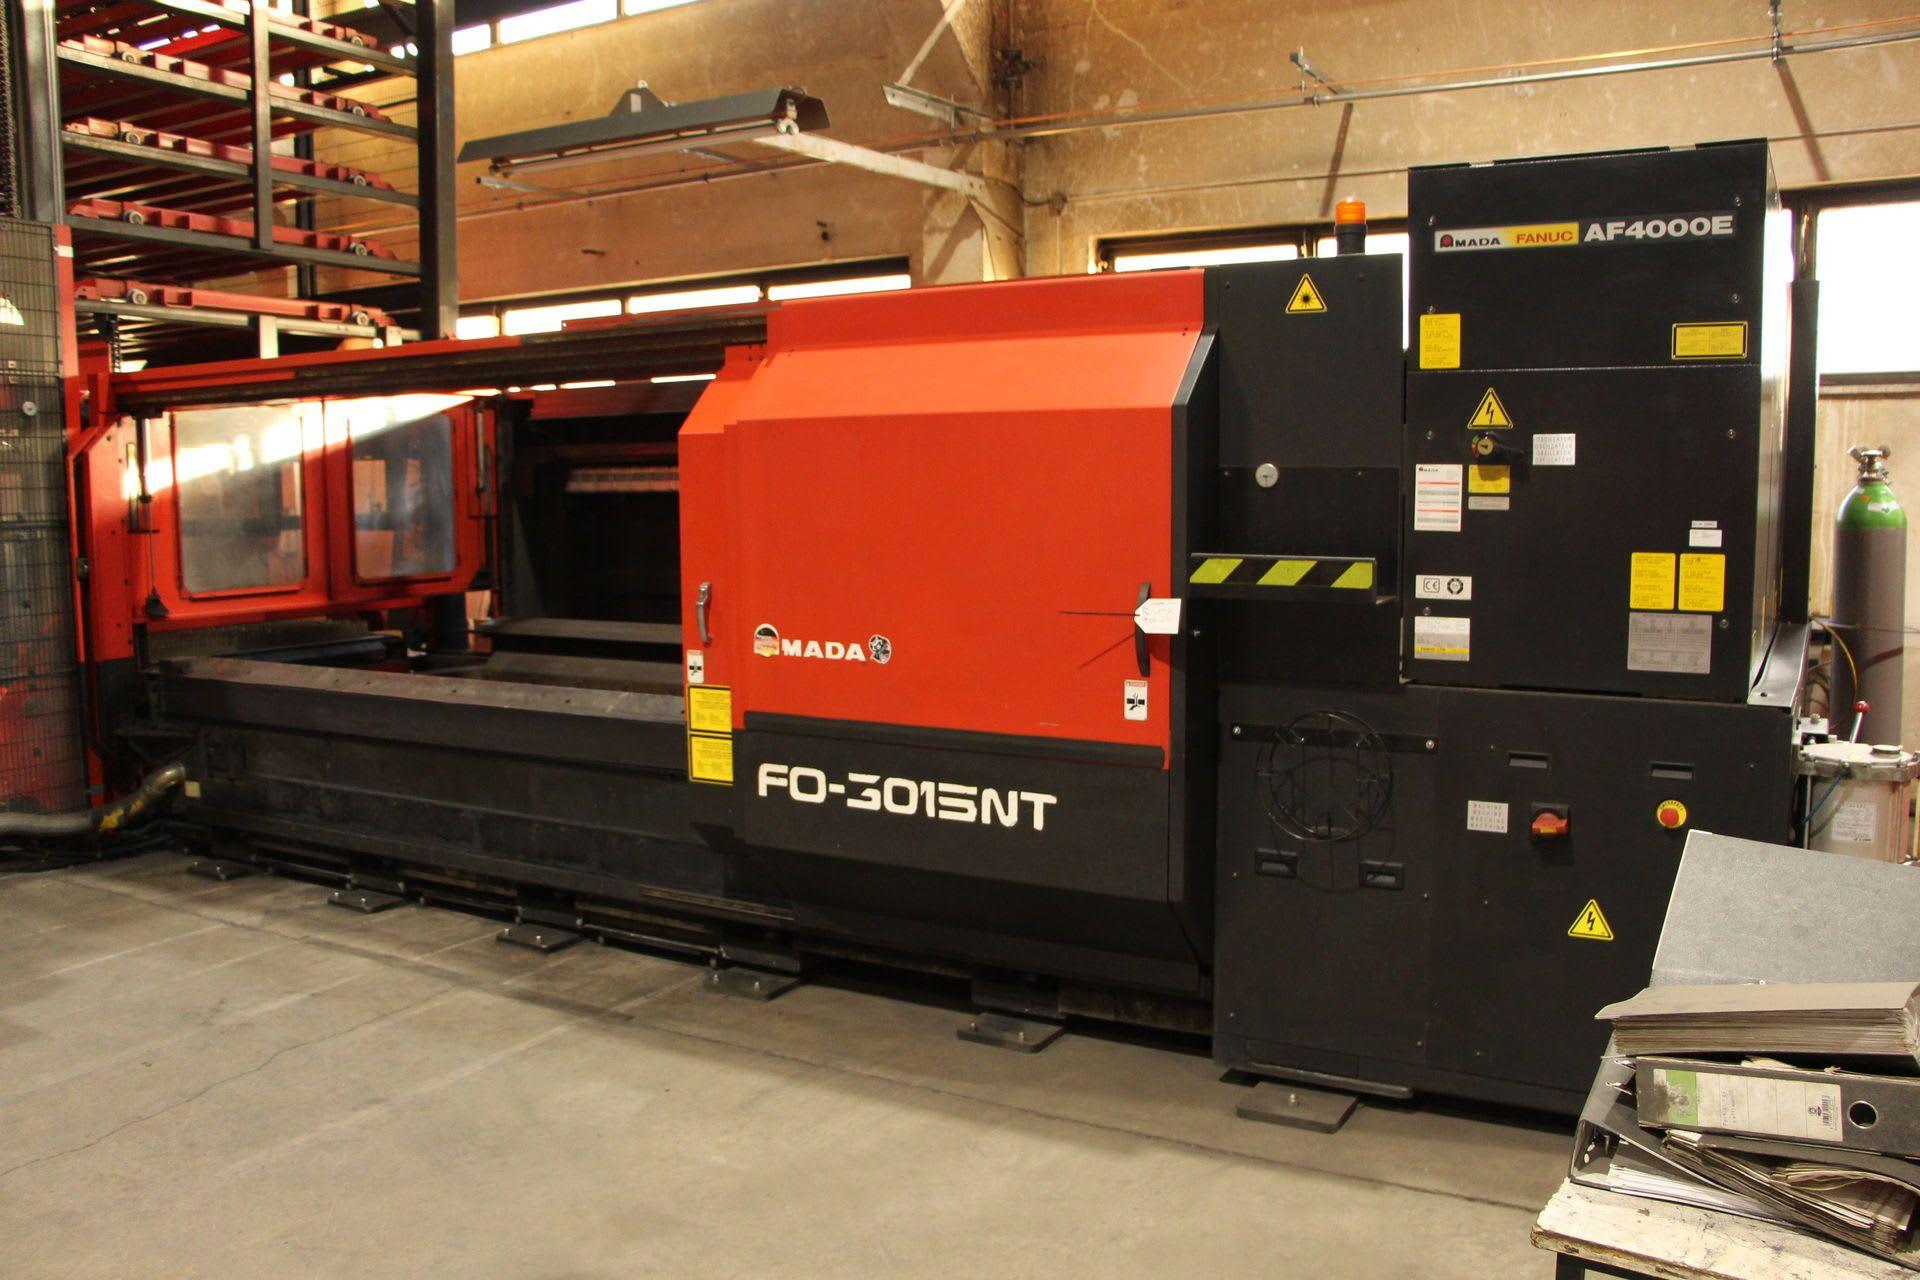 AMADA S 03015.NT Laserschneidanlage